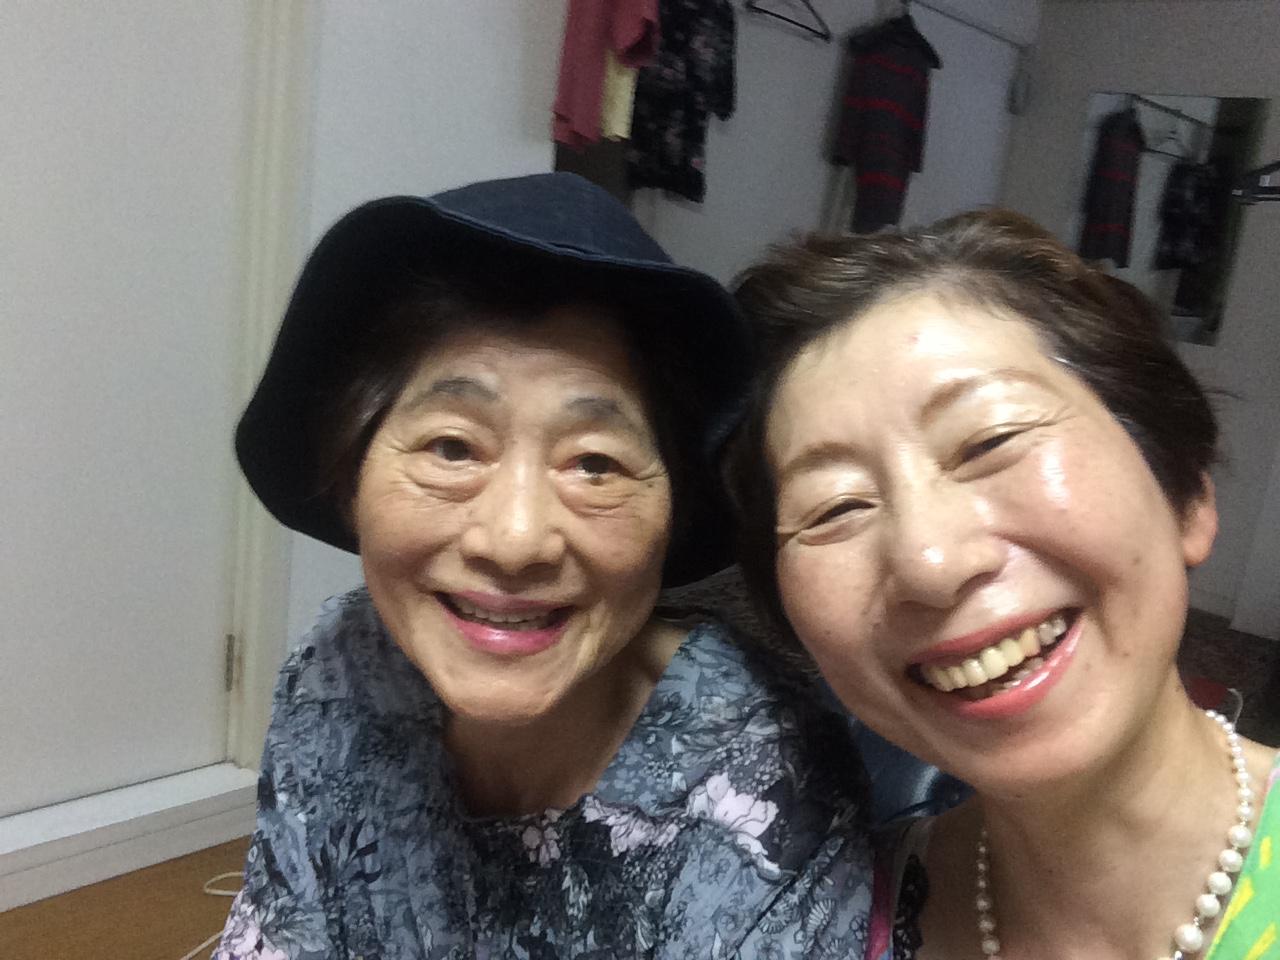 高齢者デイサービス見学記 どんな一日をすごしているか? 母(83歳)の筋トレ:介護認定「要支援」を受けて